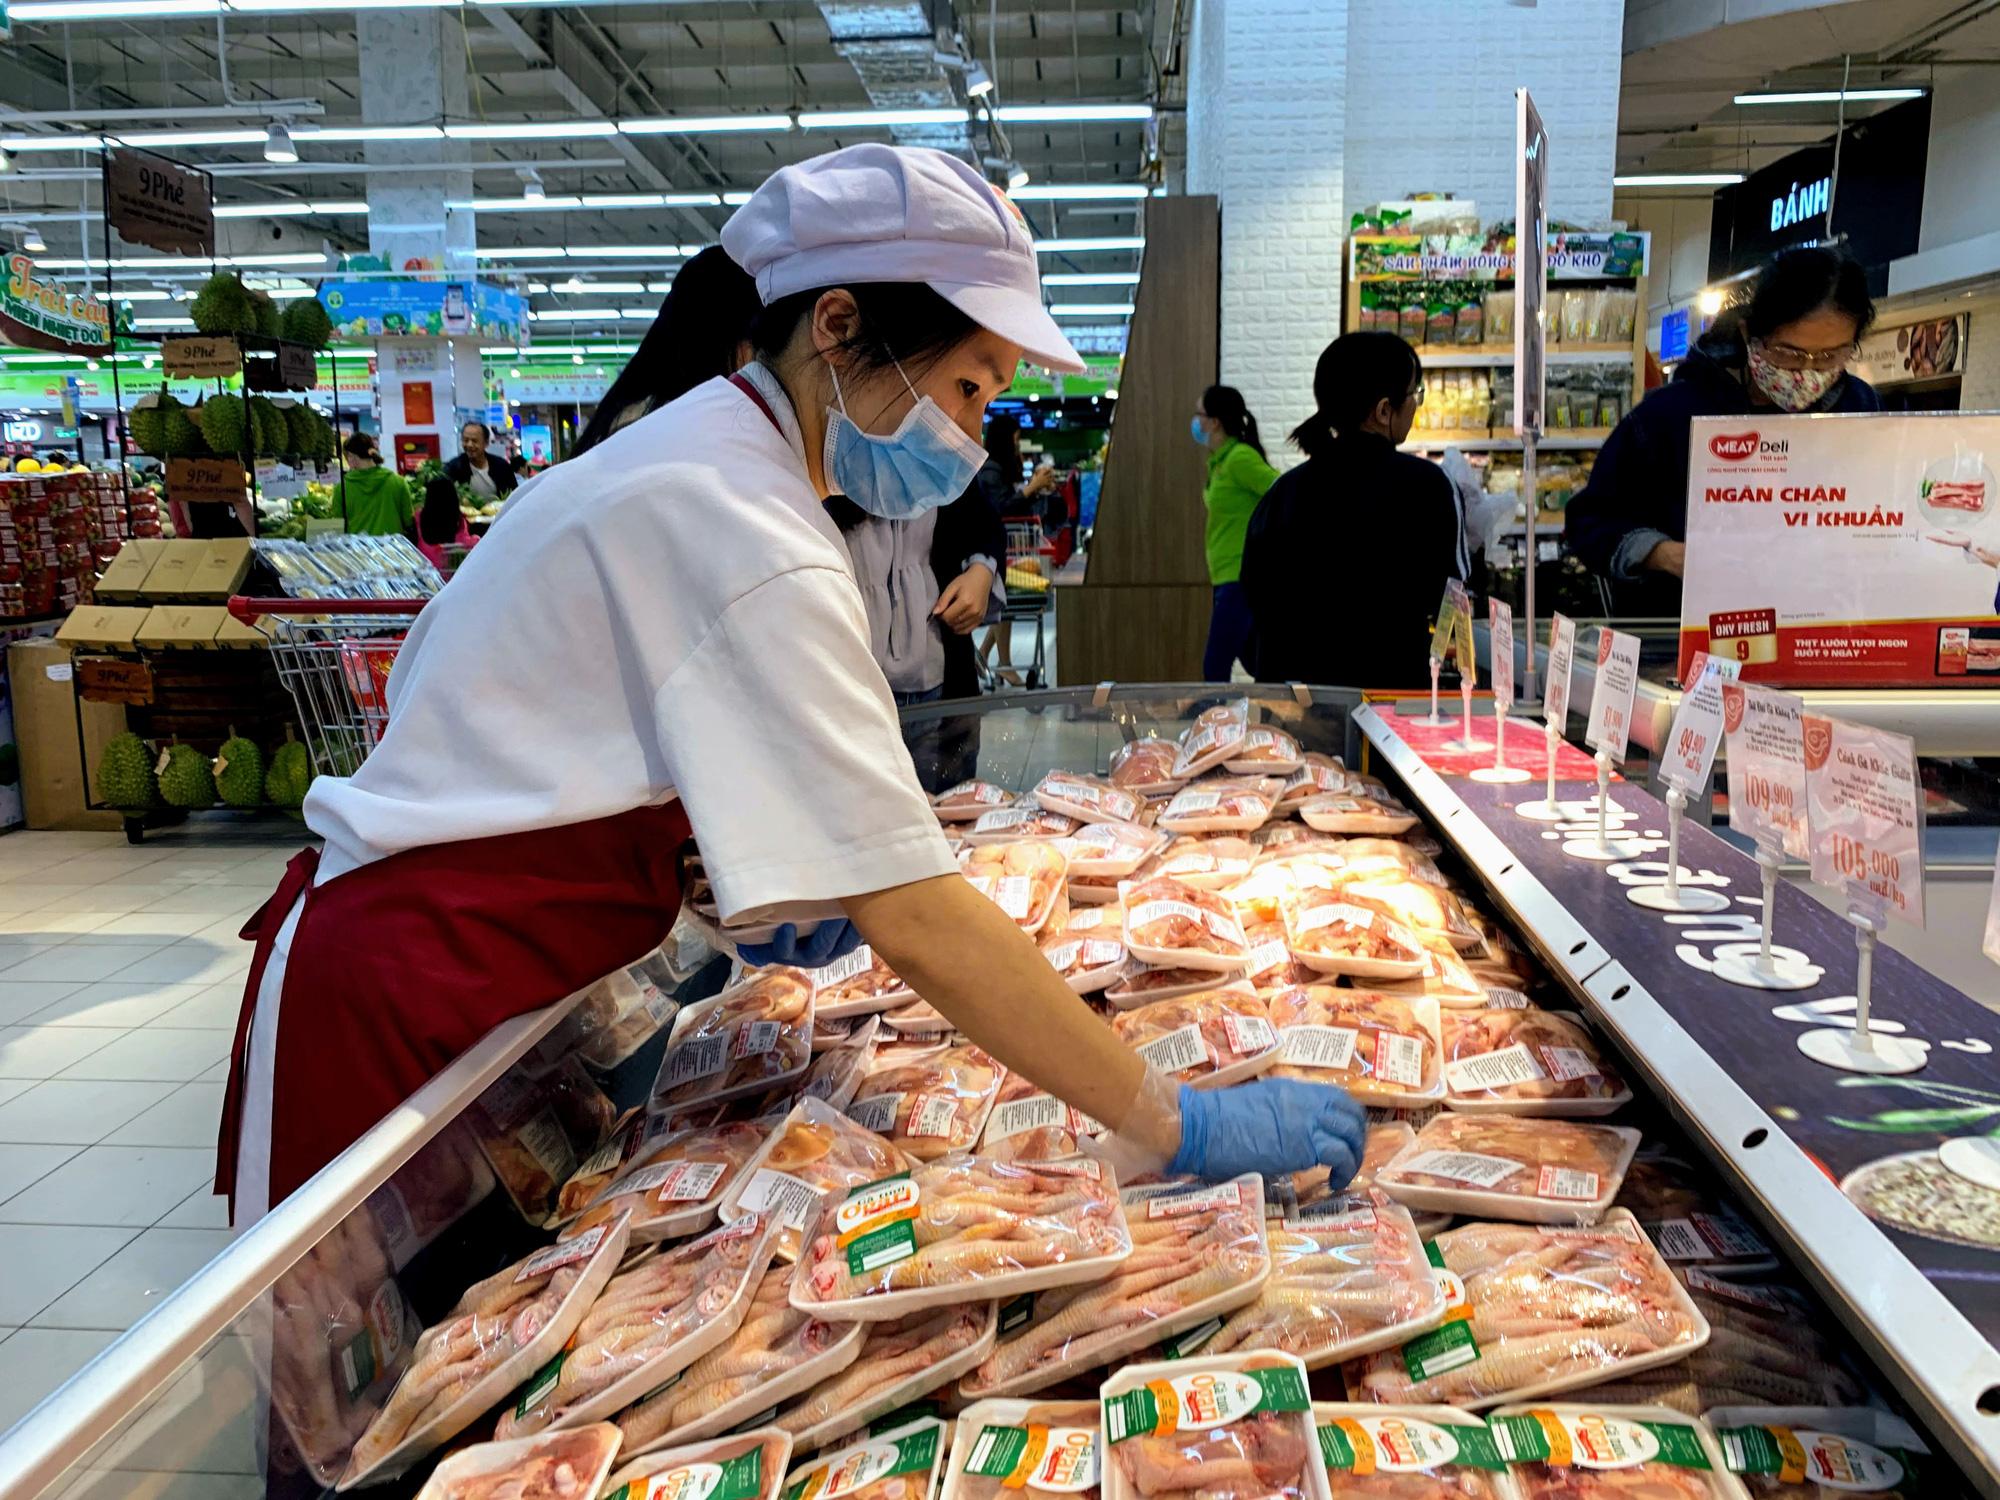 Hàng hoá trở lại đầy ắp trong siêu thị, người dân thảnh thơi mua sắm - Ảnh 11.